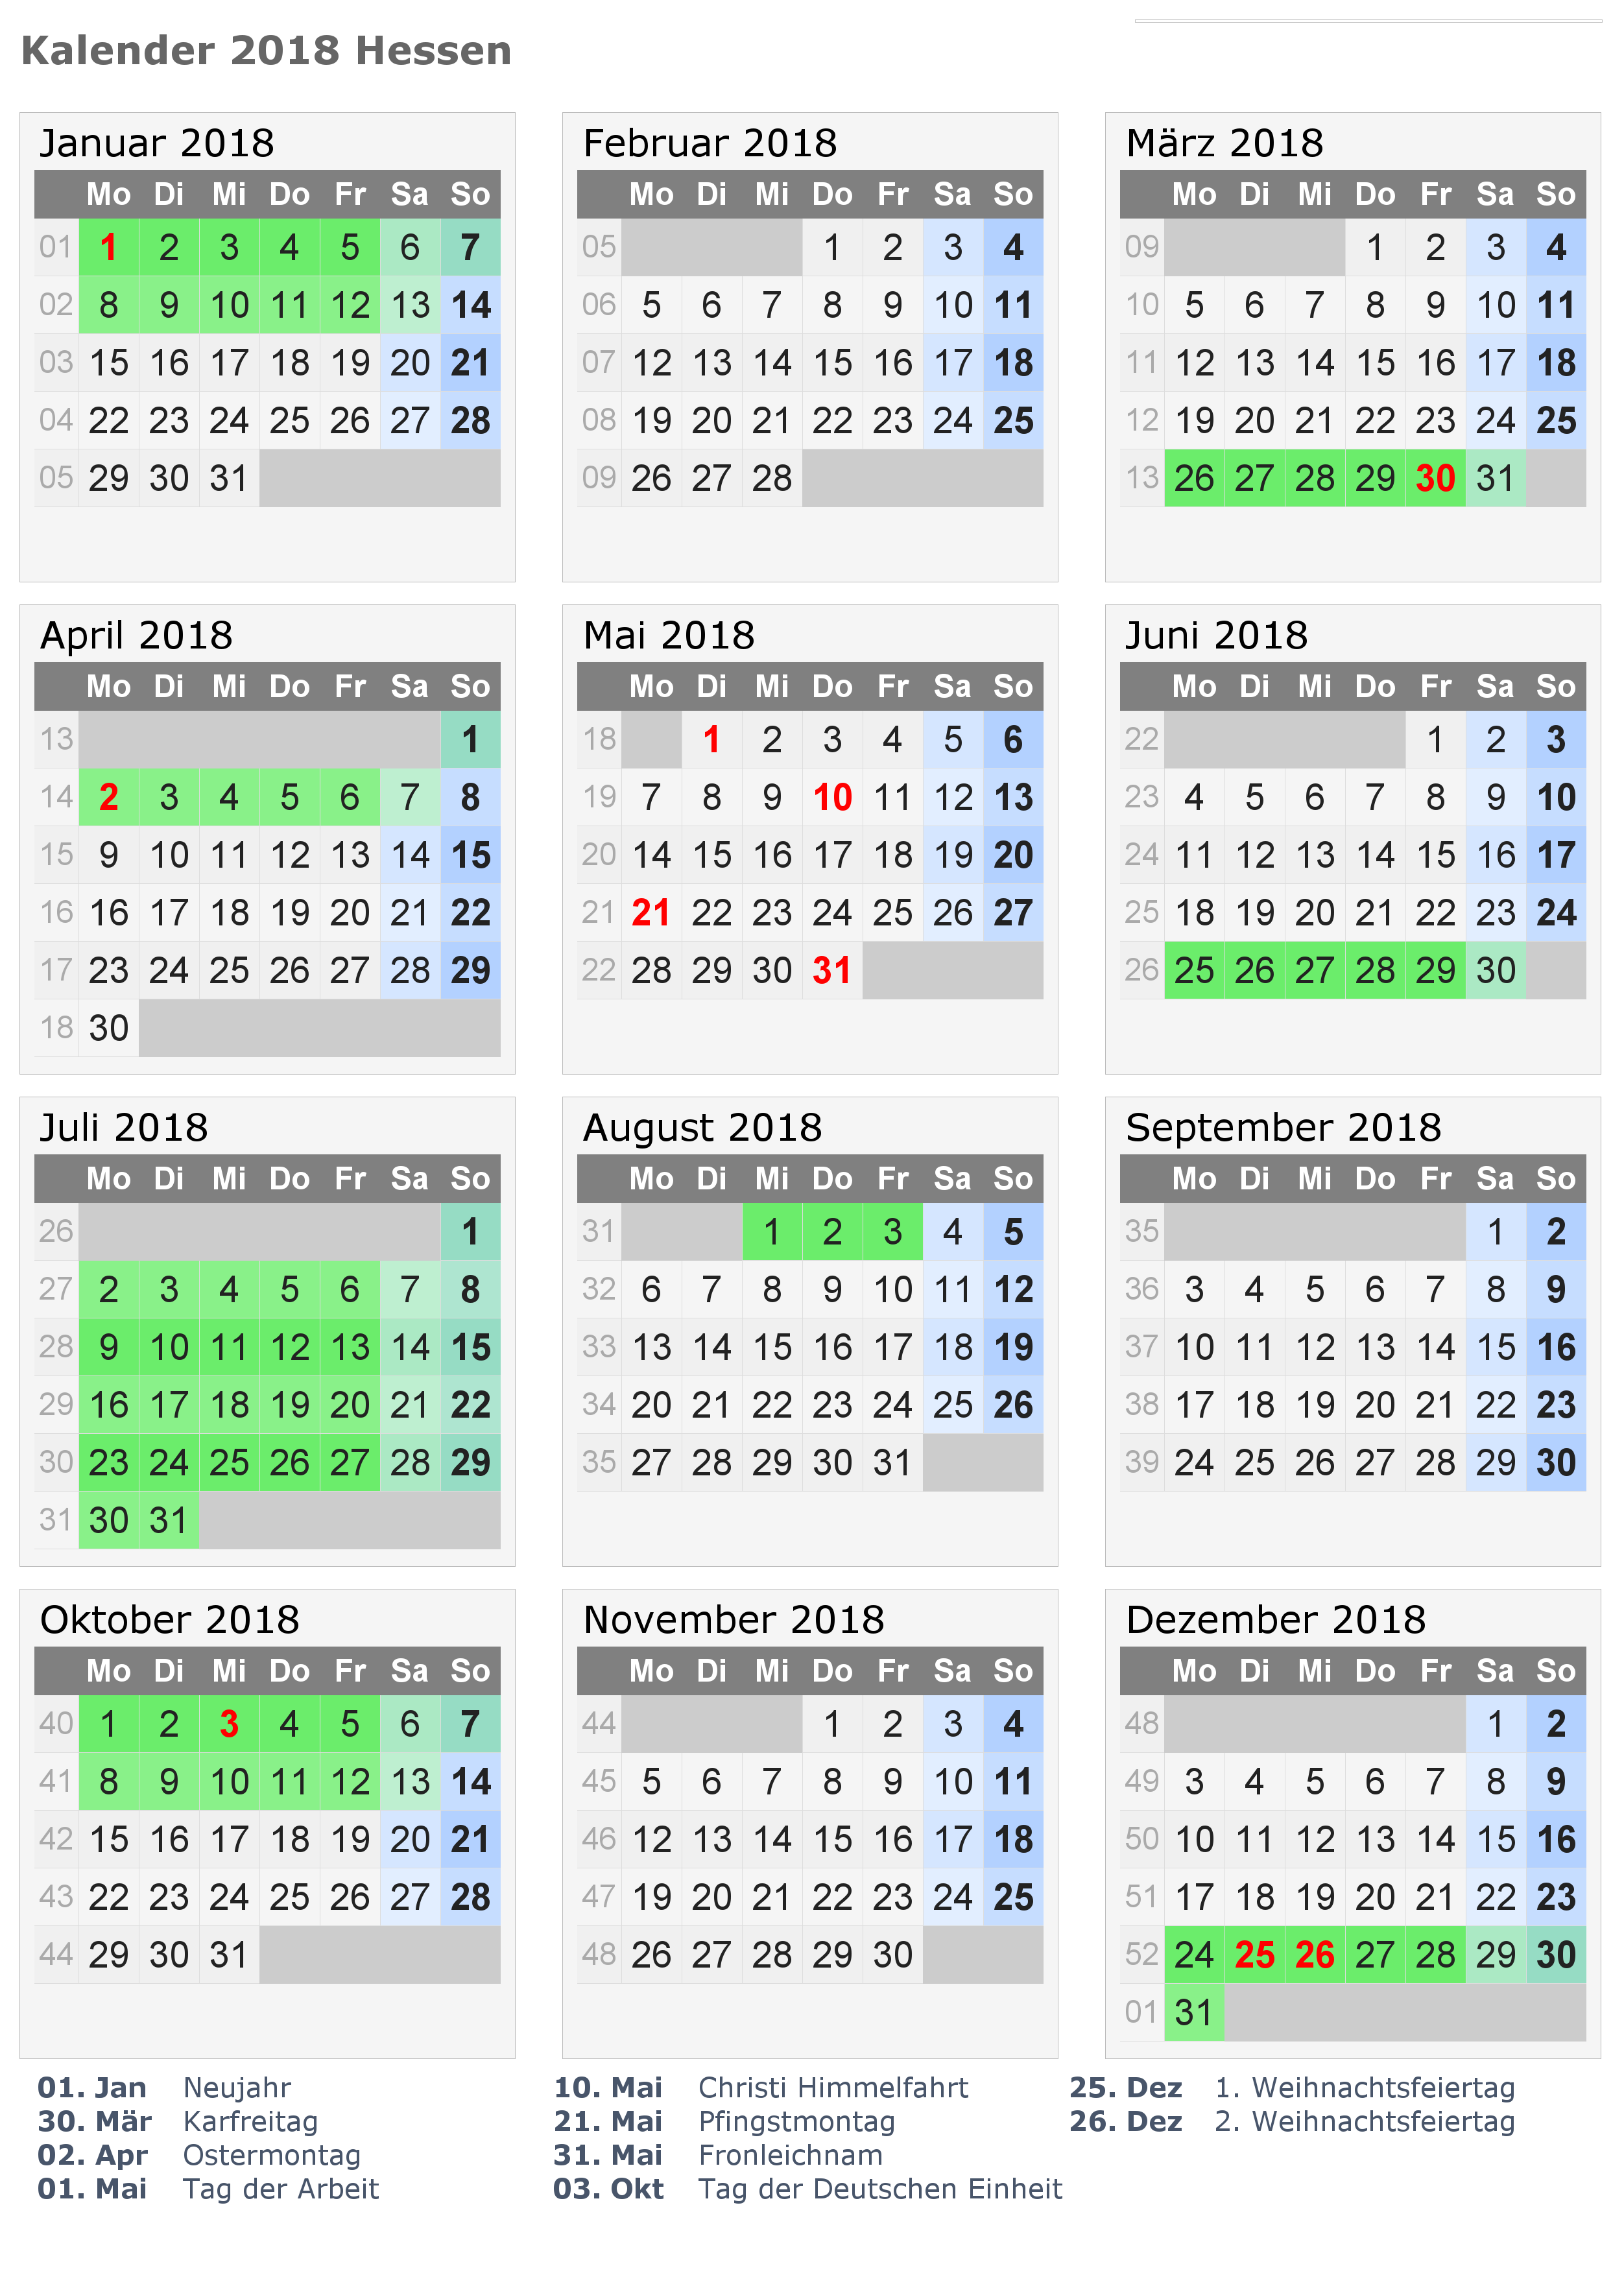 kalender-2018-hessen-hoch